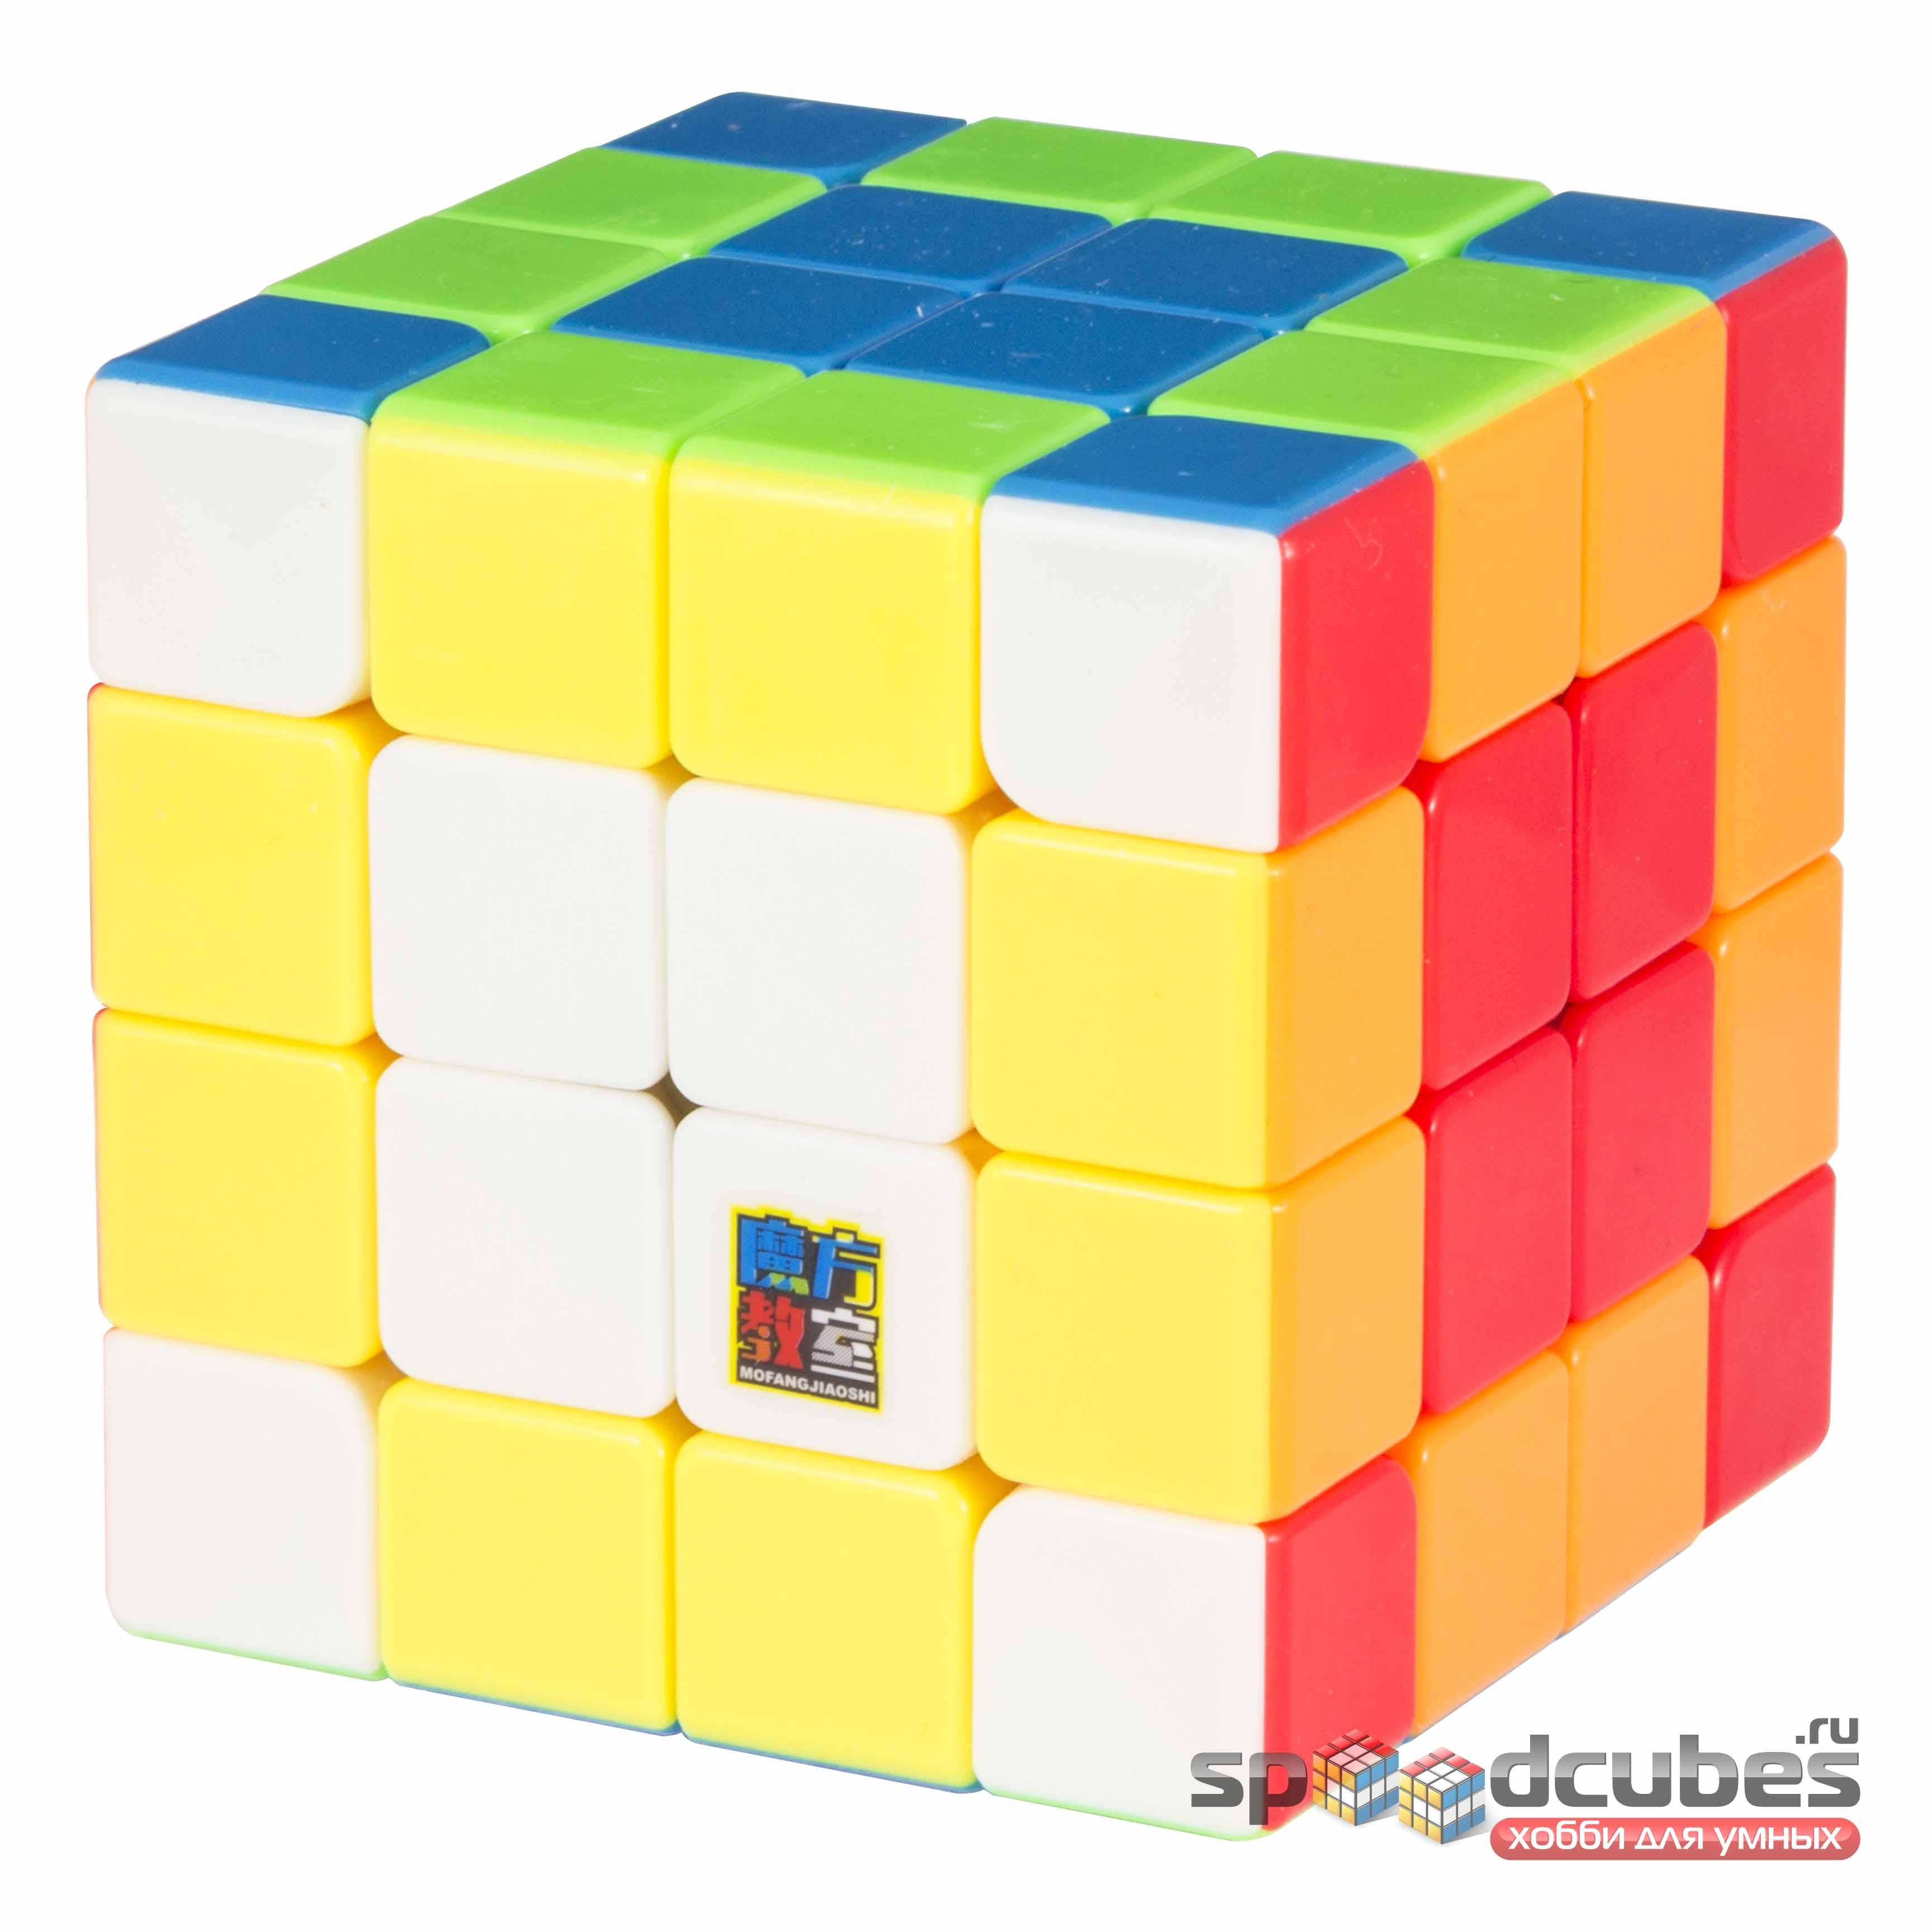 MoYu 4x4x4 MofangJiaoshi MF4 Tsv 3